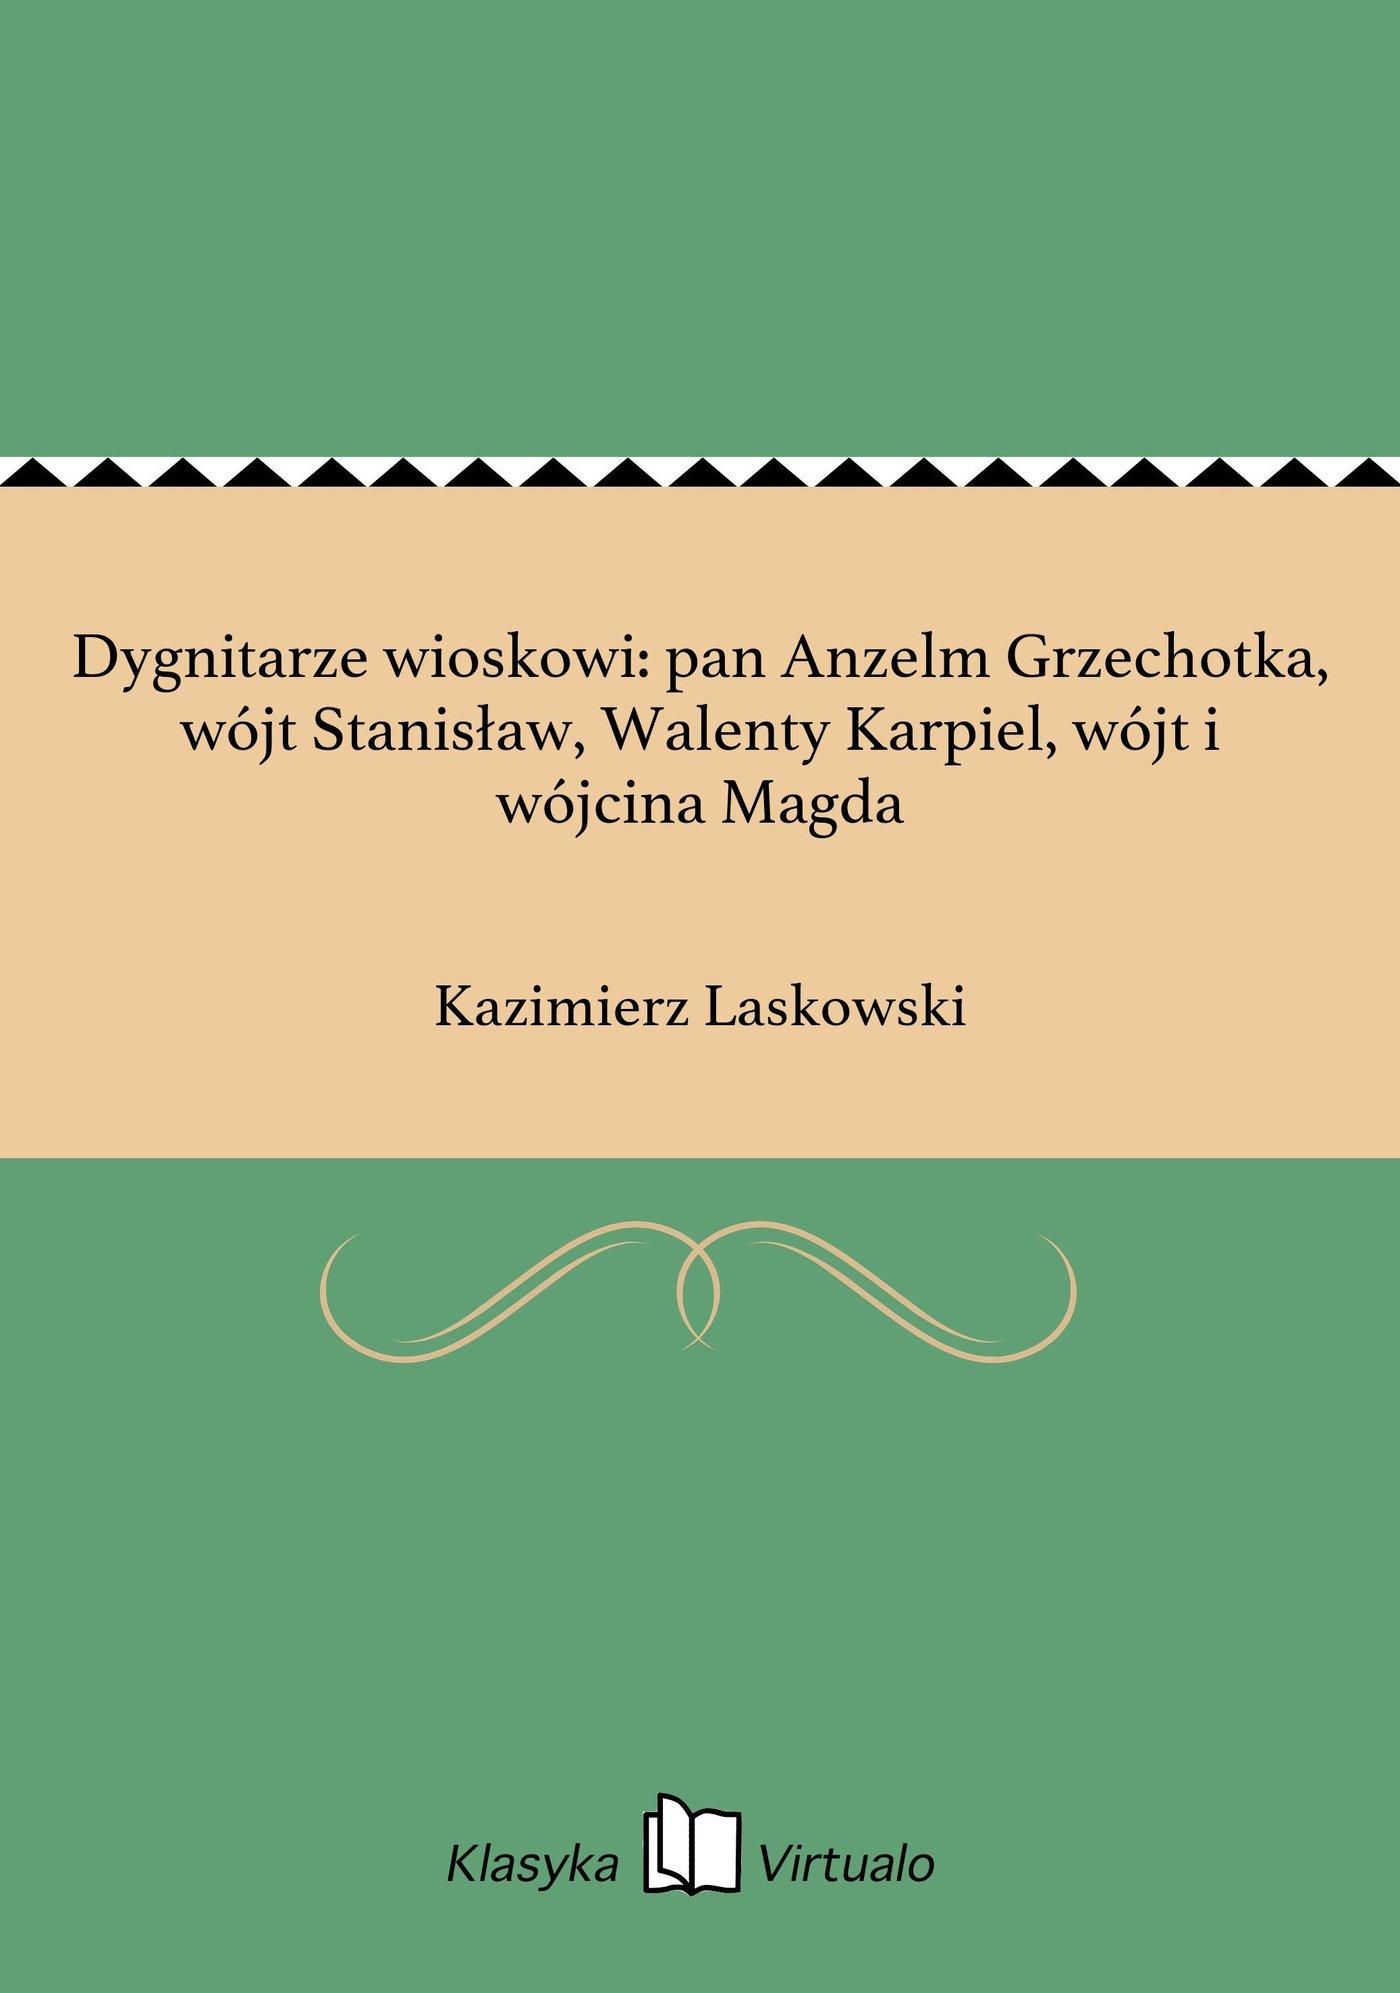 Dygnitarze wioskowi: pan Anzelm Grzechotka, wójt Stanisław, Walenty Karpiel, wójt i wójcina Magda - Ebook (Książka EPUB) do pobrania w formacie EPUB